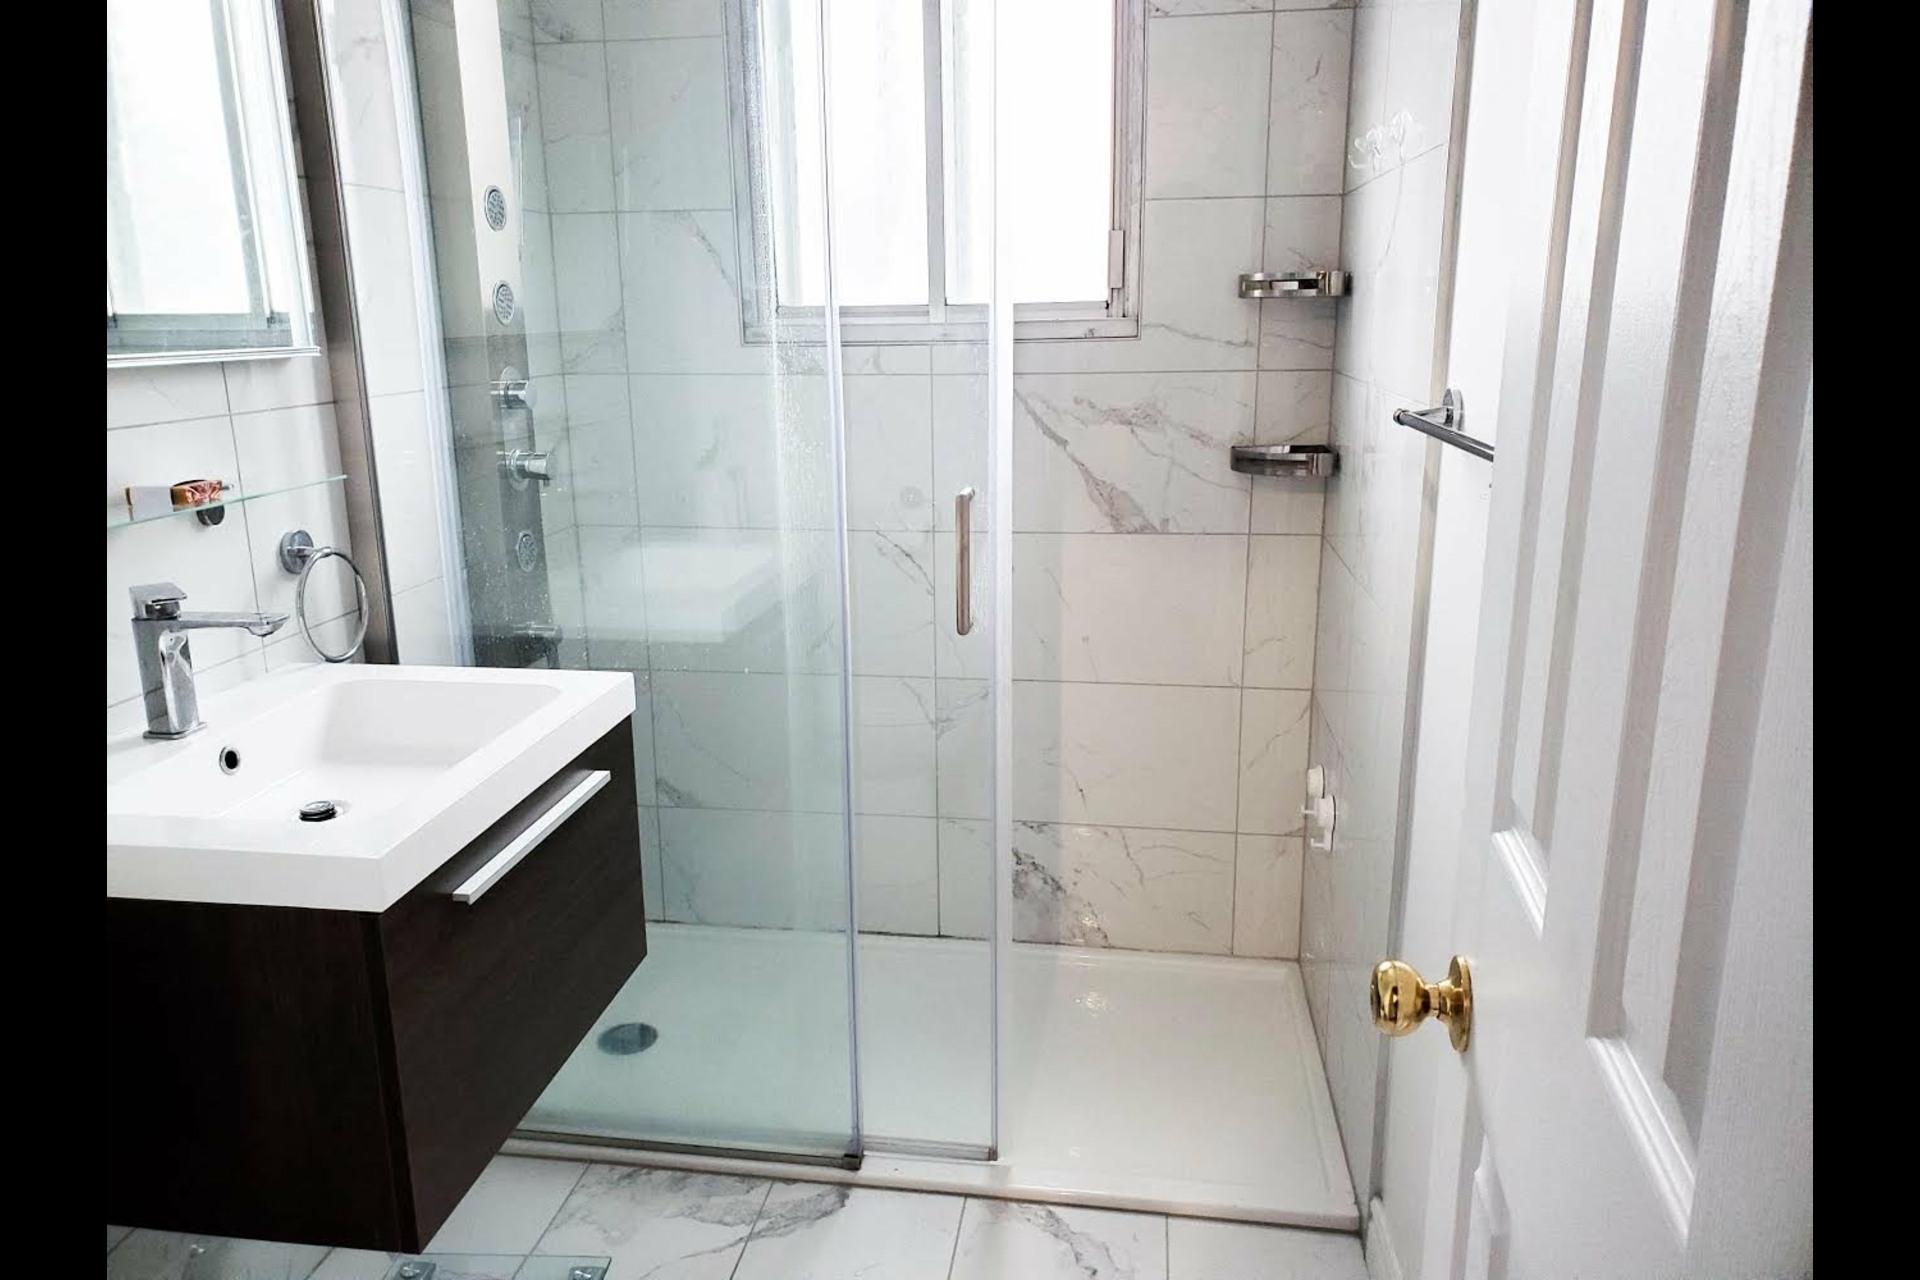 image 2 - Duplex À vendre Villeray/Saint-Michel/Parc-Extension Montréal  - 5 pièces